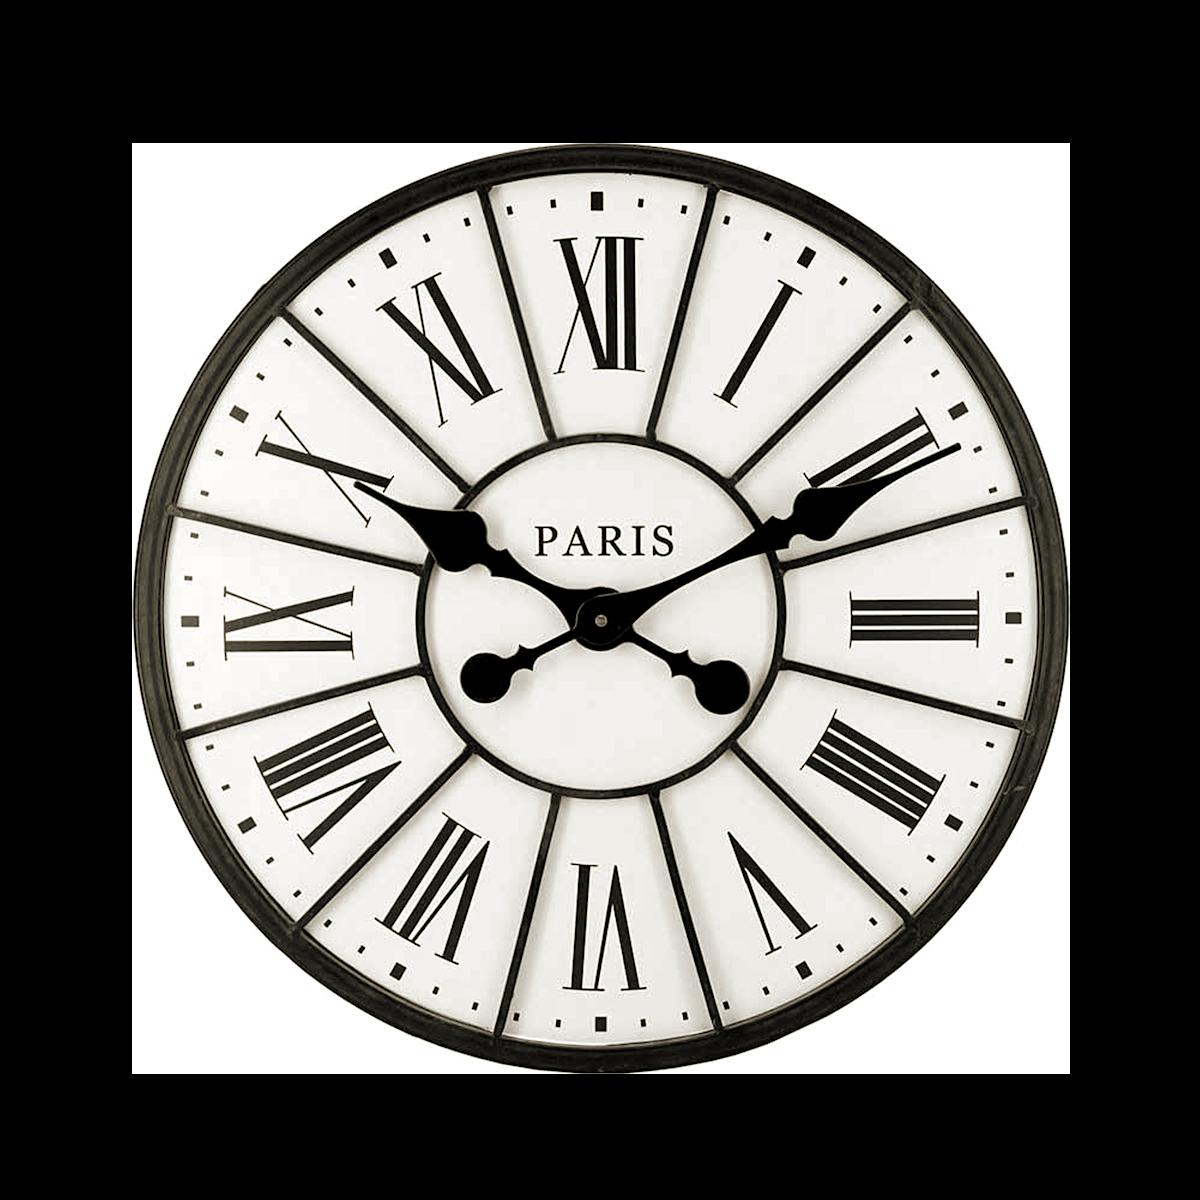 render objets renders cadran horloge heure paris